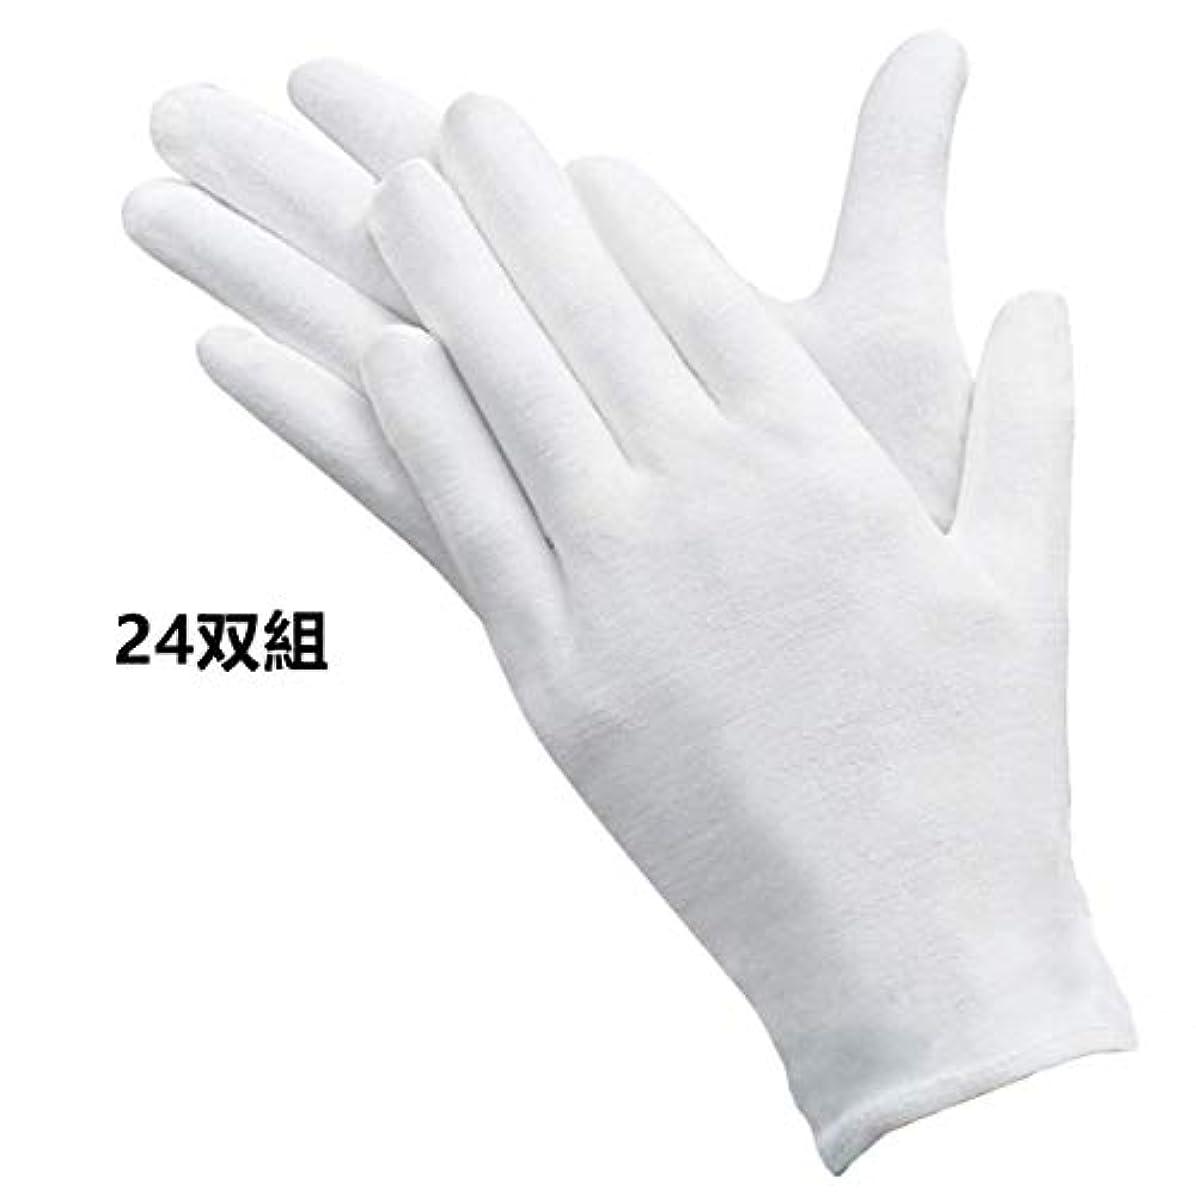 砂のモーテル農場winkong 綿手袋 コットン手袋 純綿100% 24双組入り ホワイト 白手袋 メンズ 手袋 レディース 手荒れ防止 おやすみ 湿疹用 乾燥肌用 保湿用 礼装用 作業用